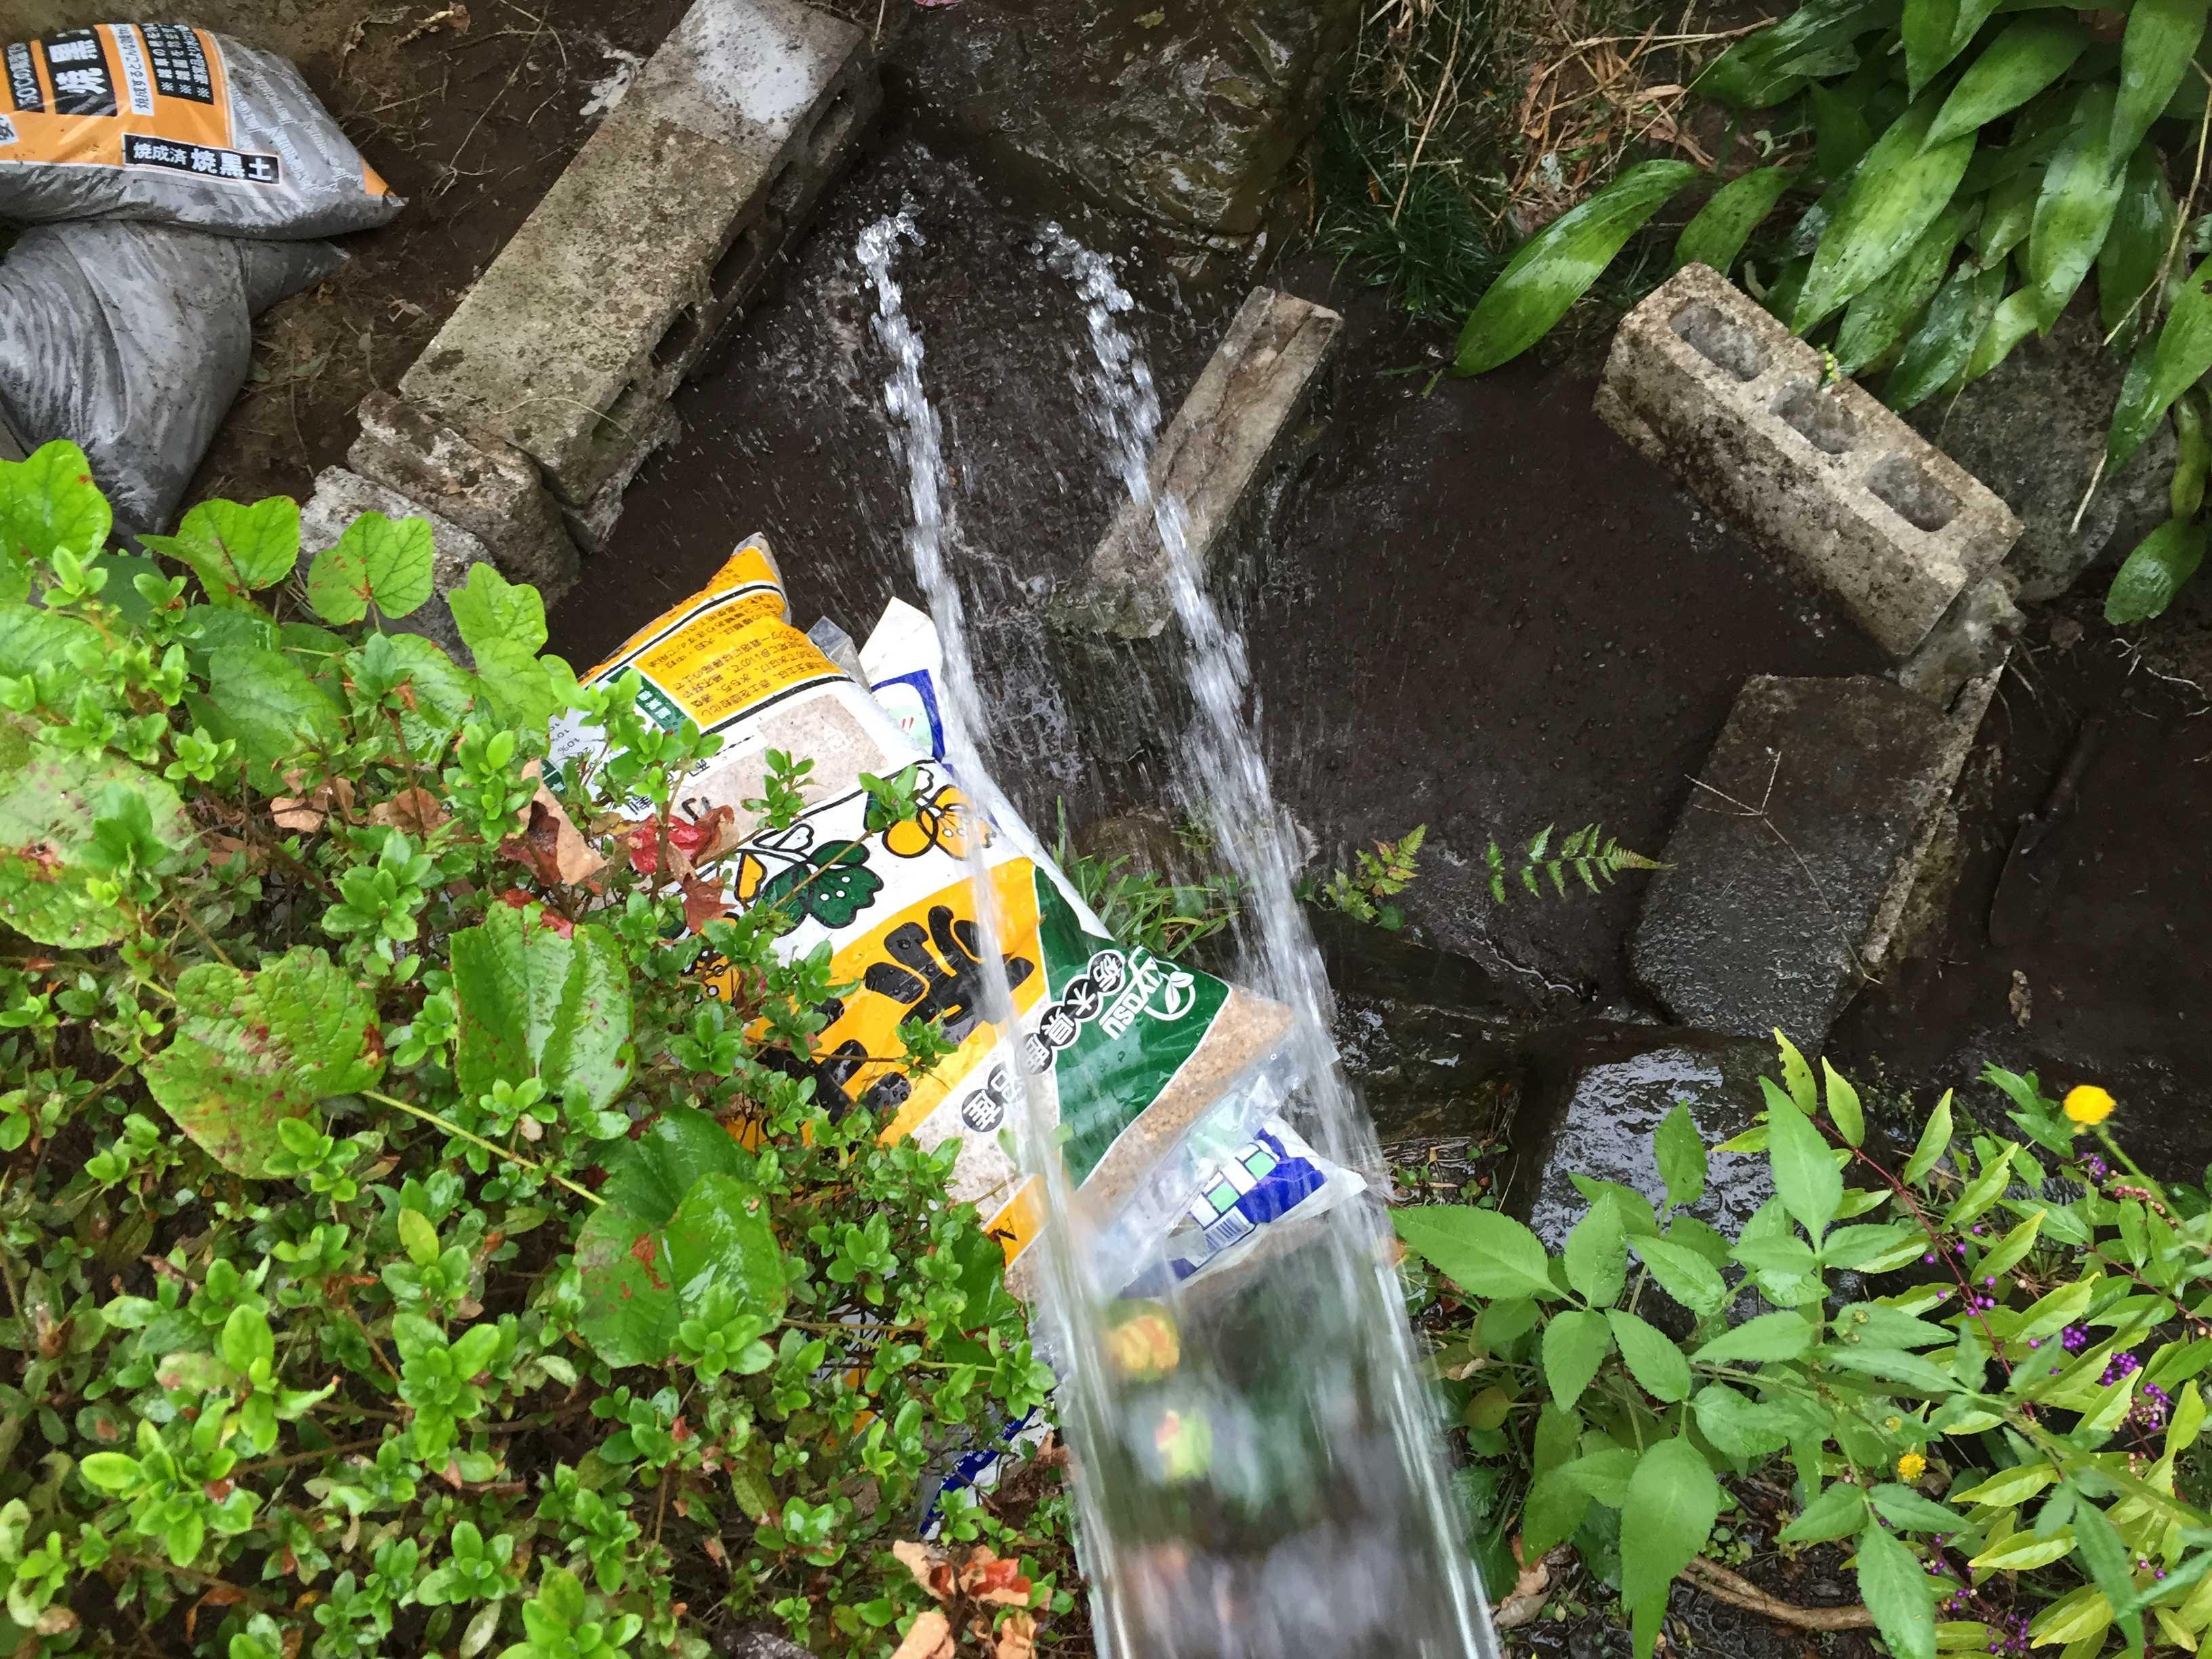 ヤマユリの鱗片定植 - 散水で土固め